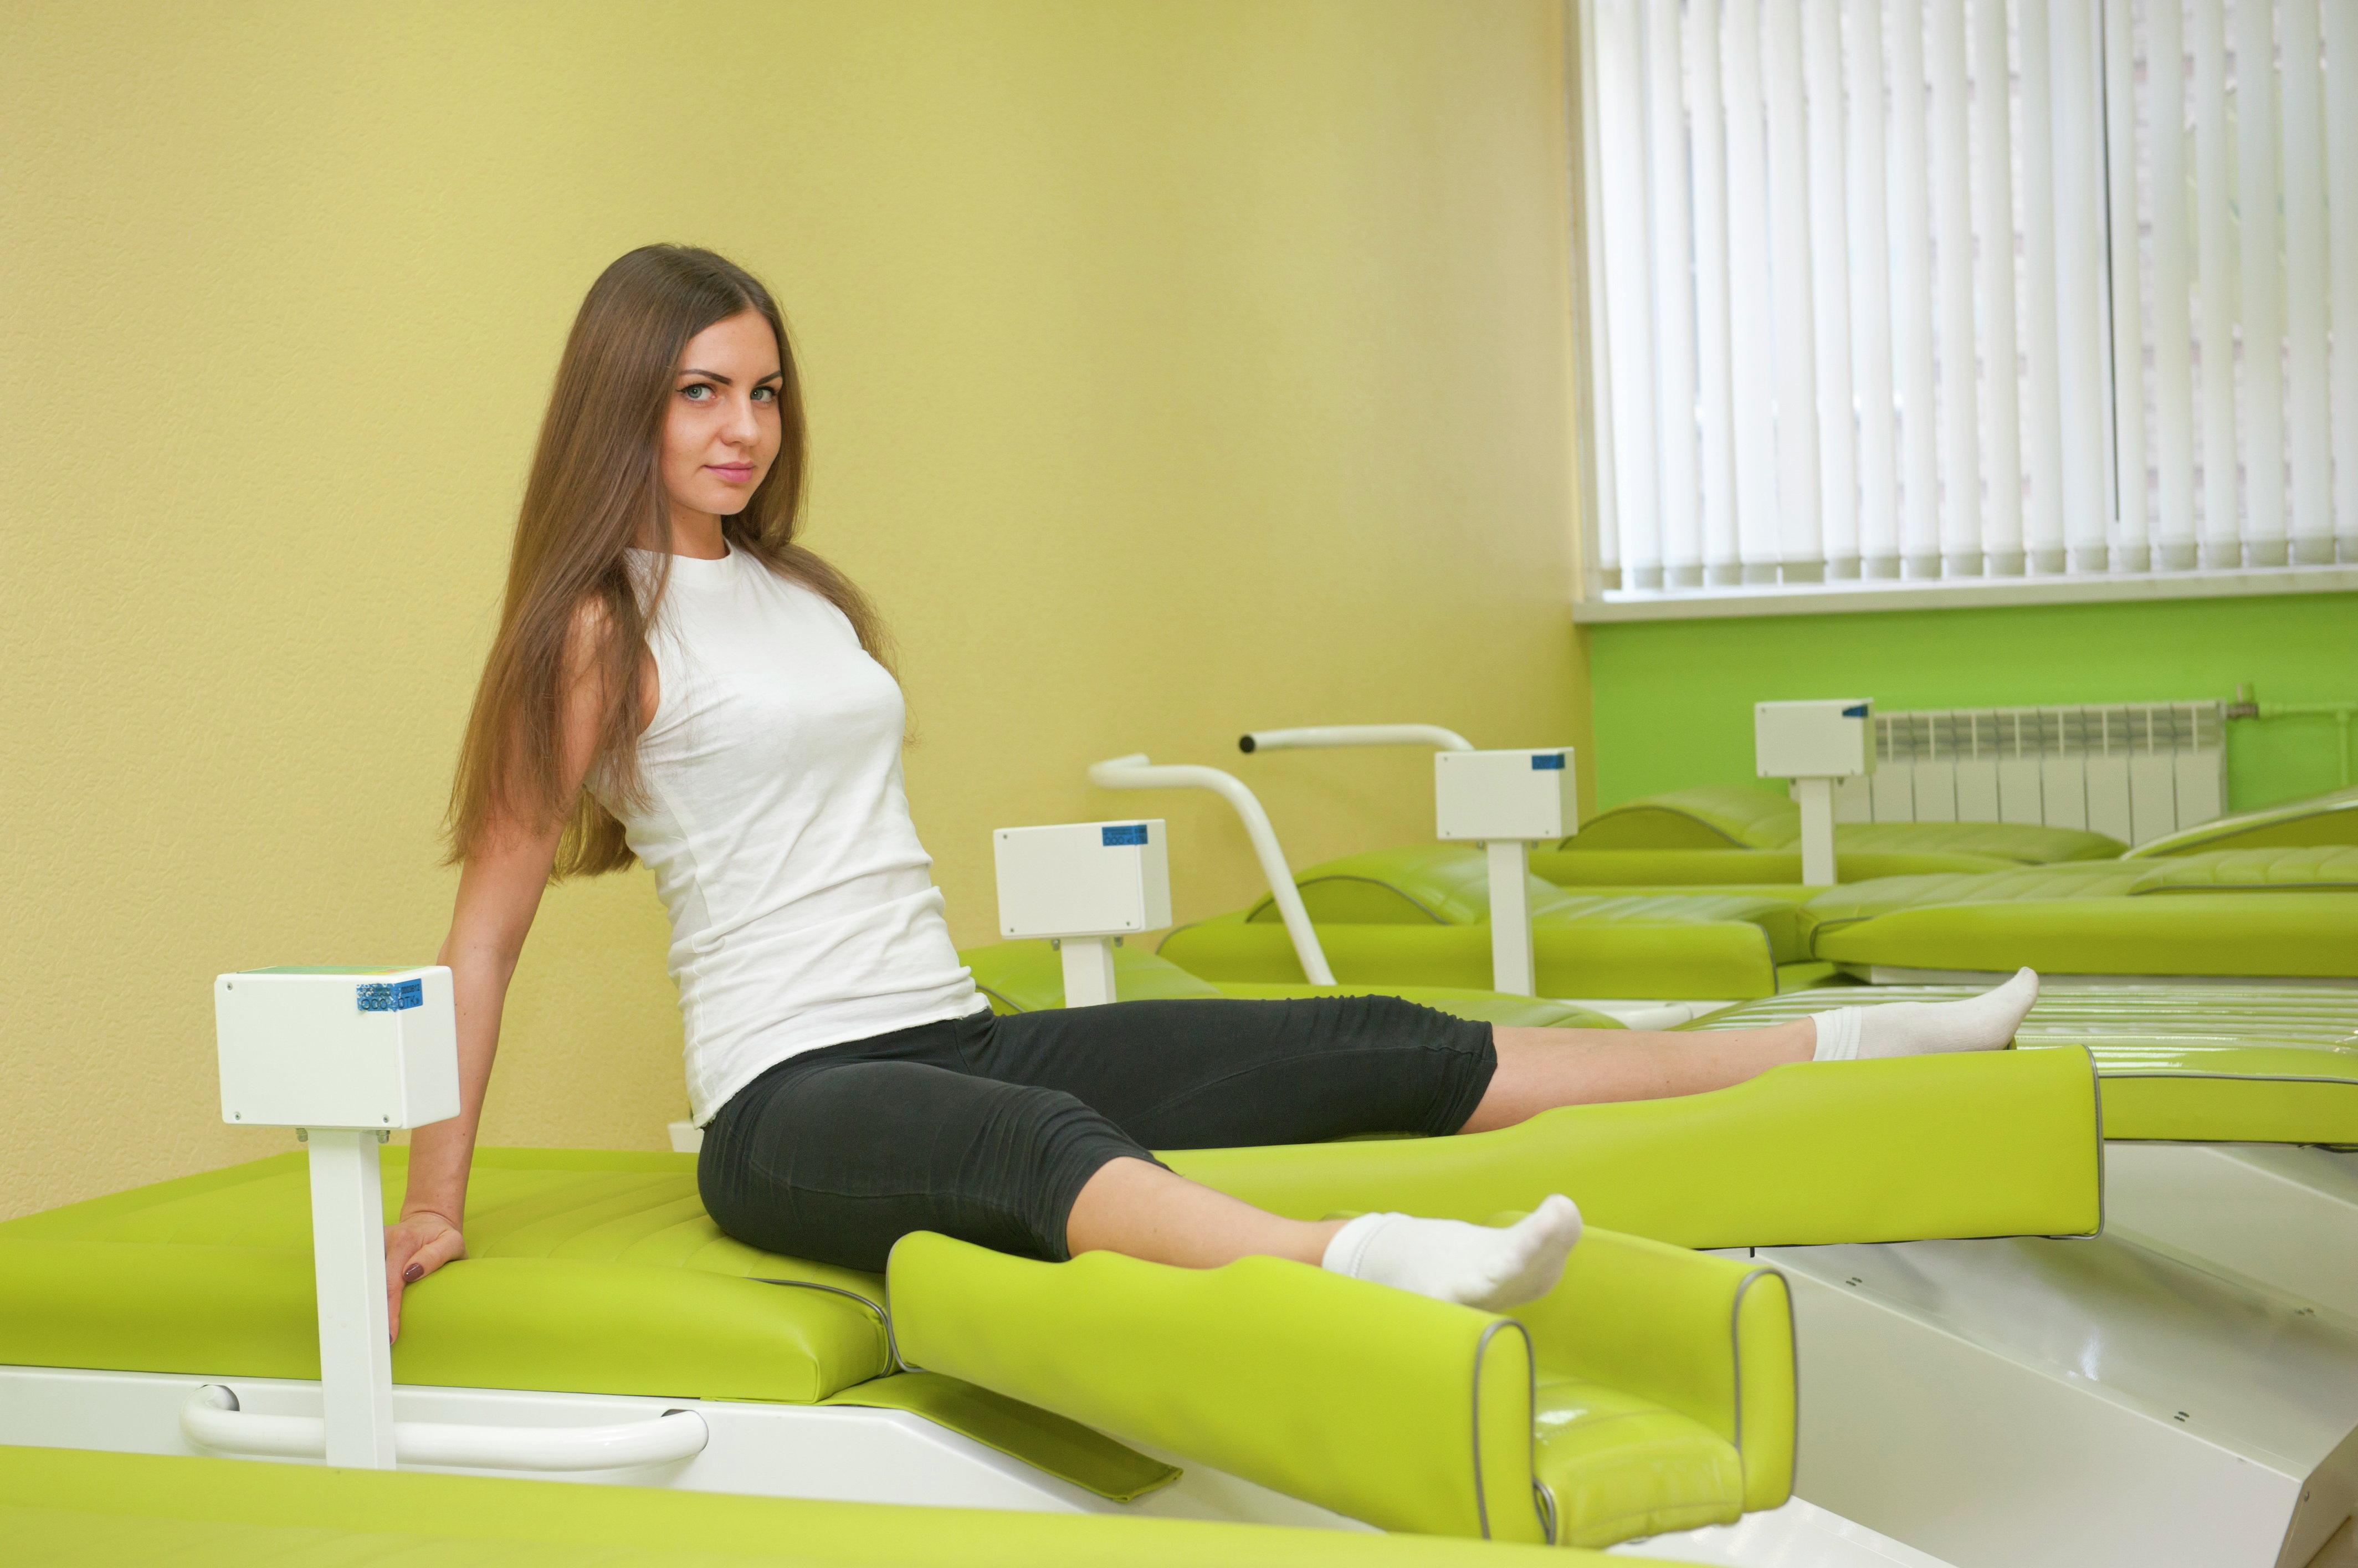 Лучшие Центры Для Похудения. ТОП-10 российских центров похудения